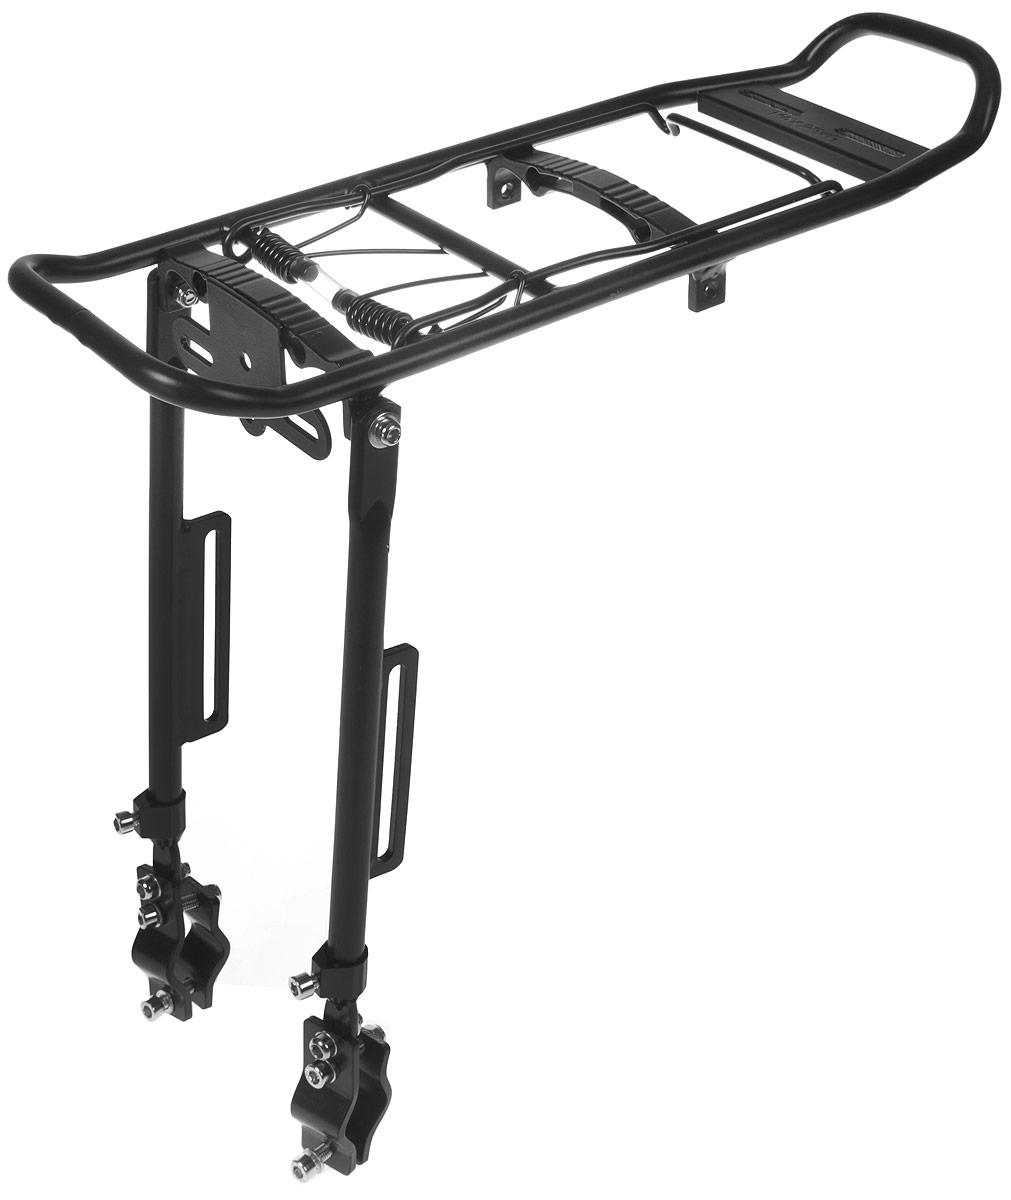 Багажник универсальный Kaiwei, с прижимным устройством Kaiwei